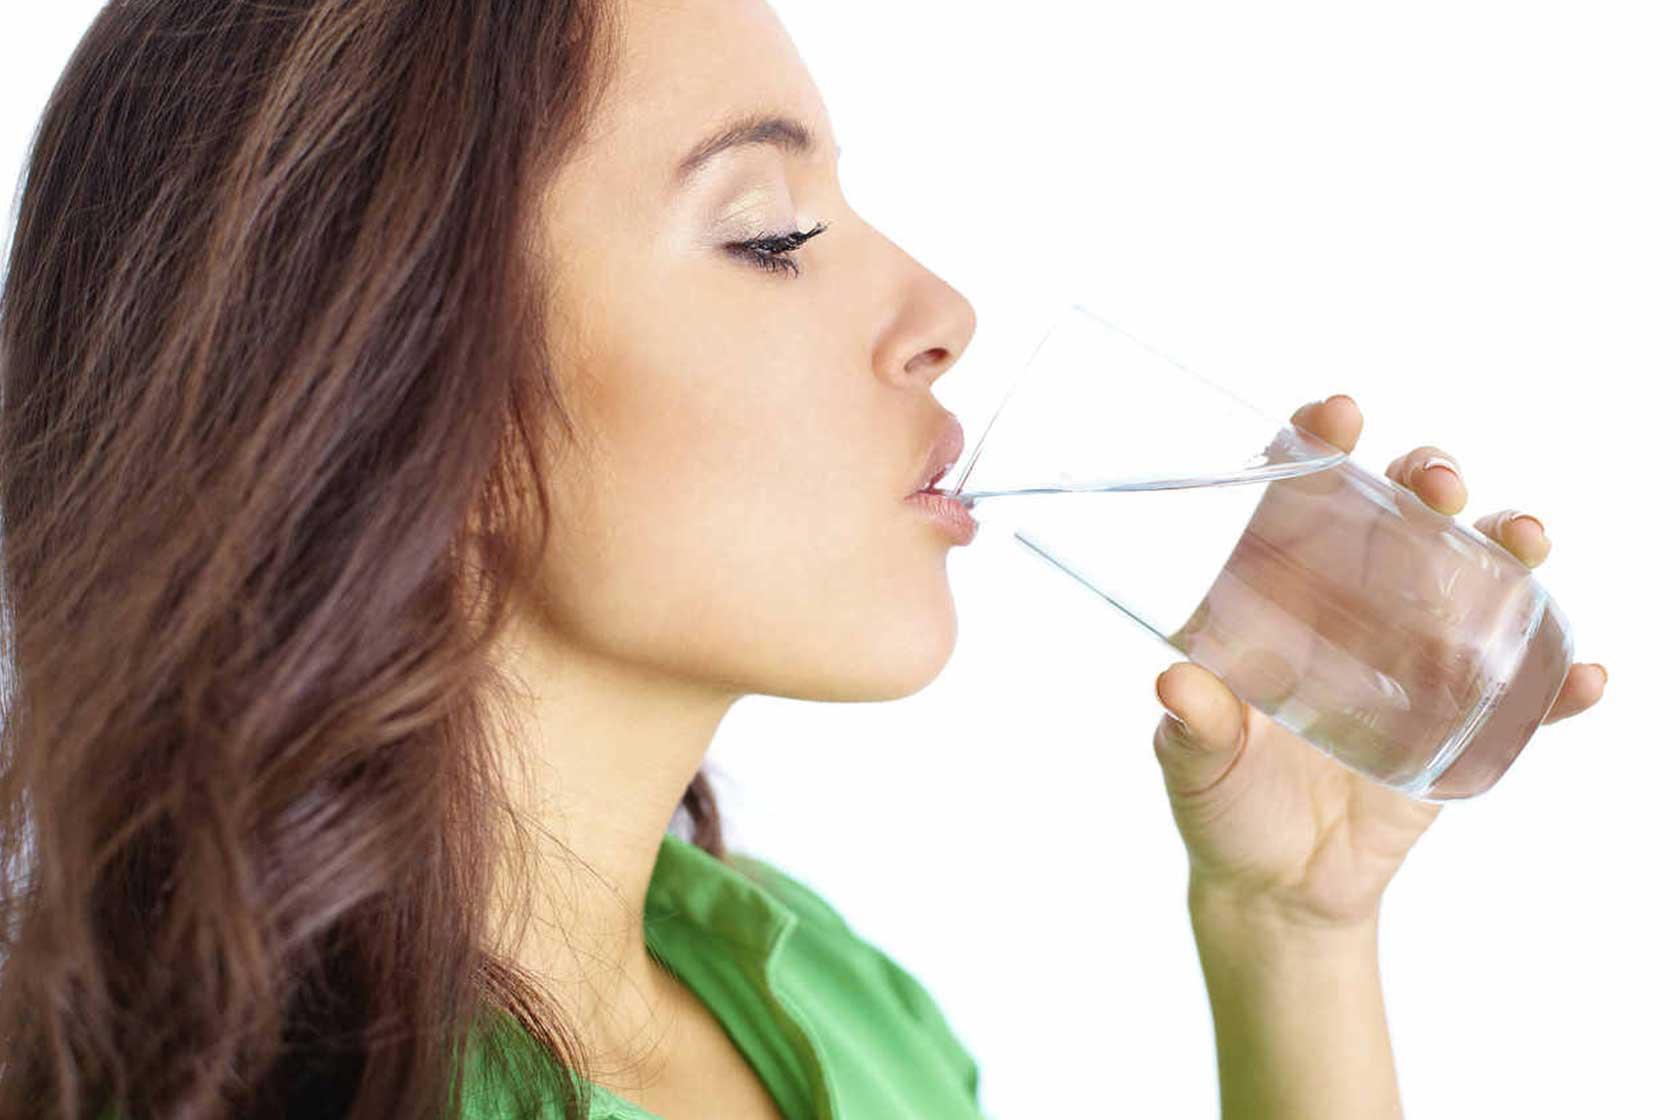 Τροφές που ενισχύουν το ανοσοποιητικό σύστημα - νερο